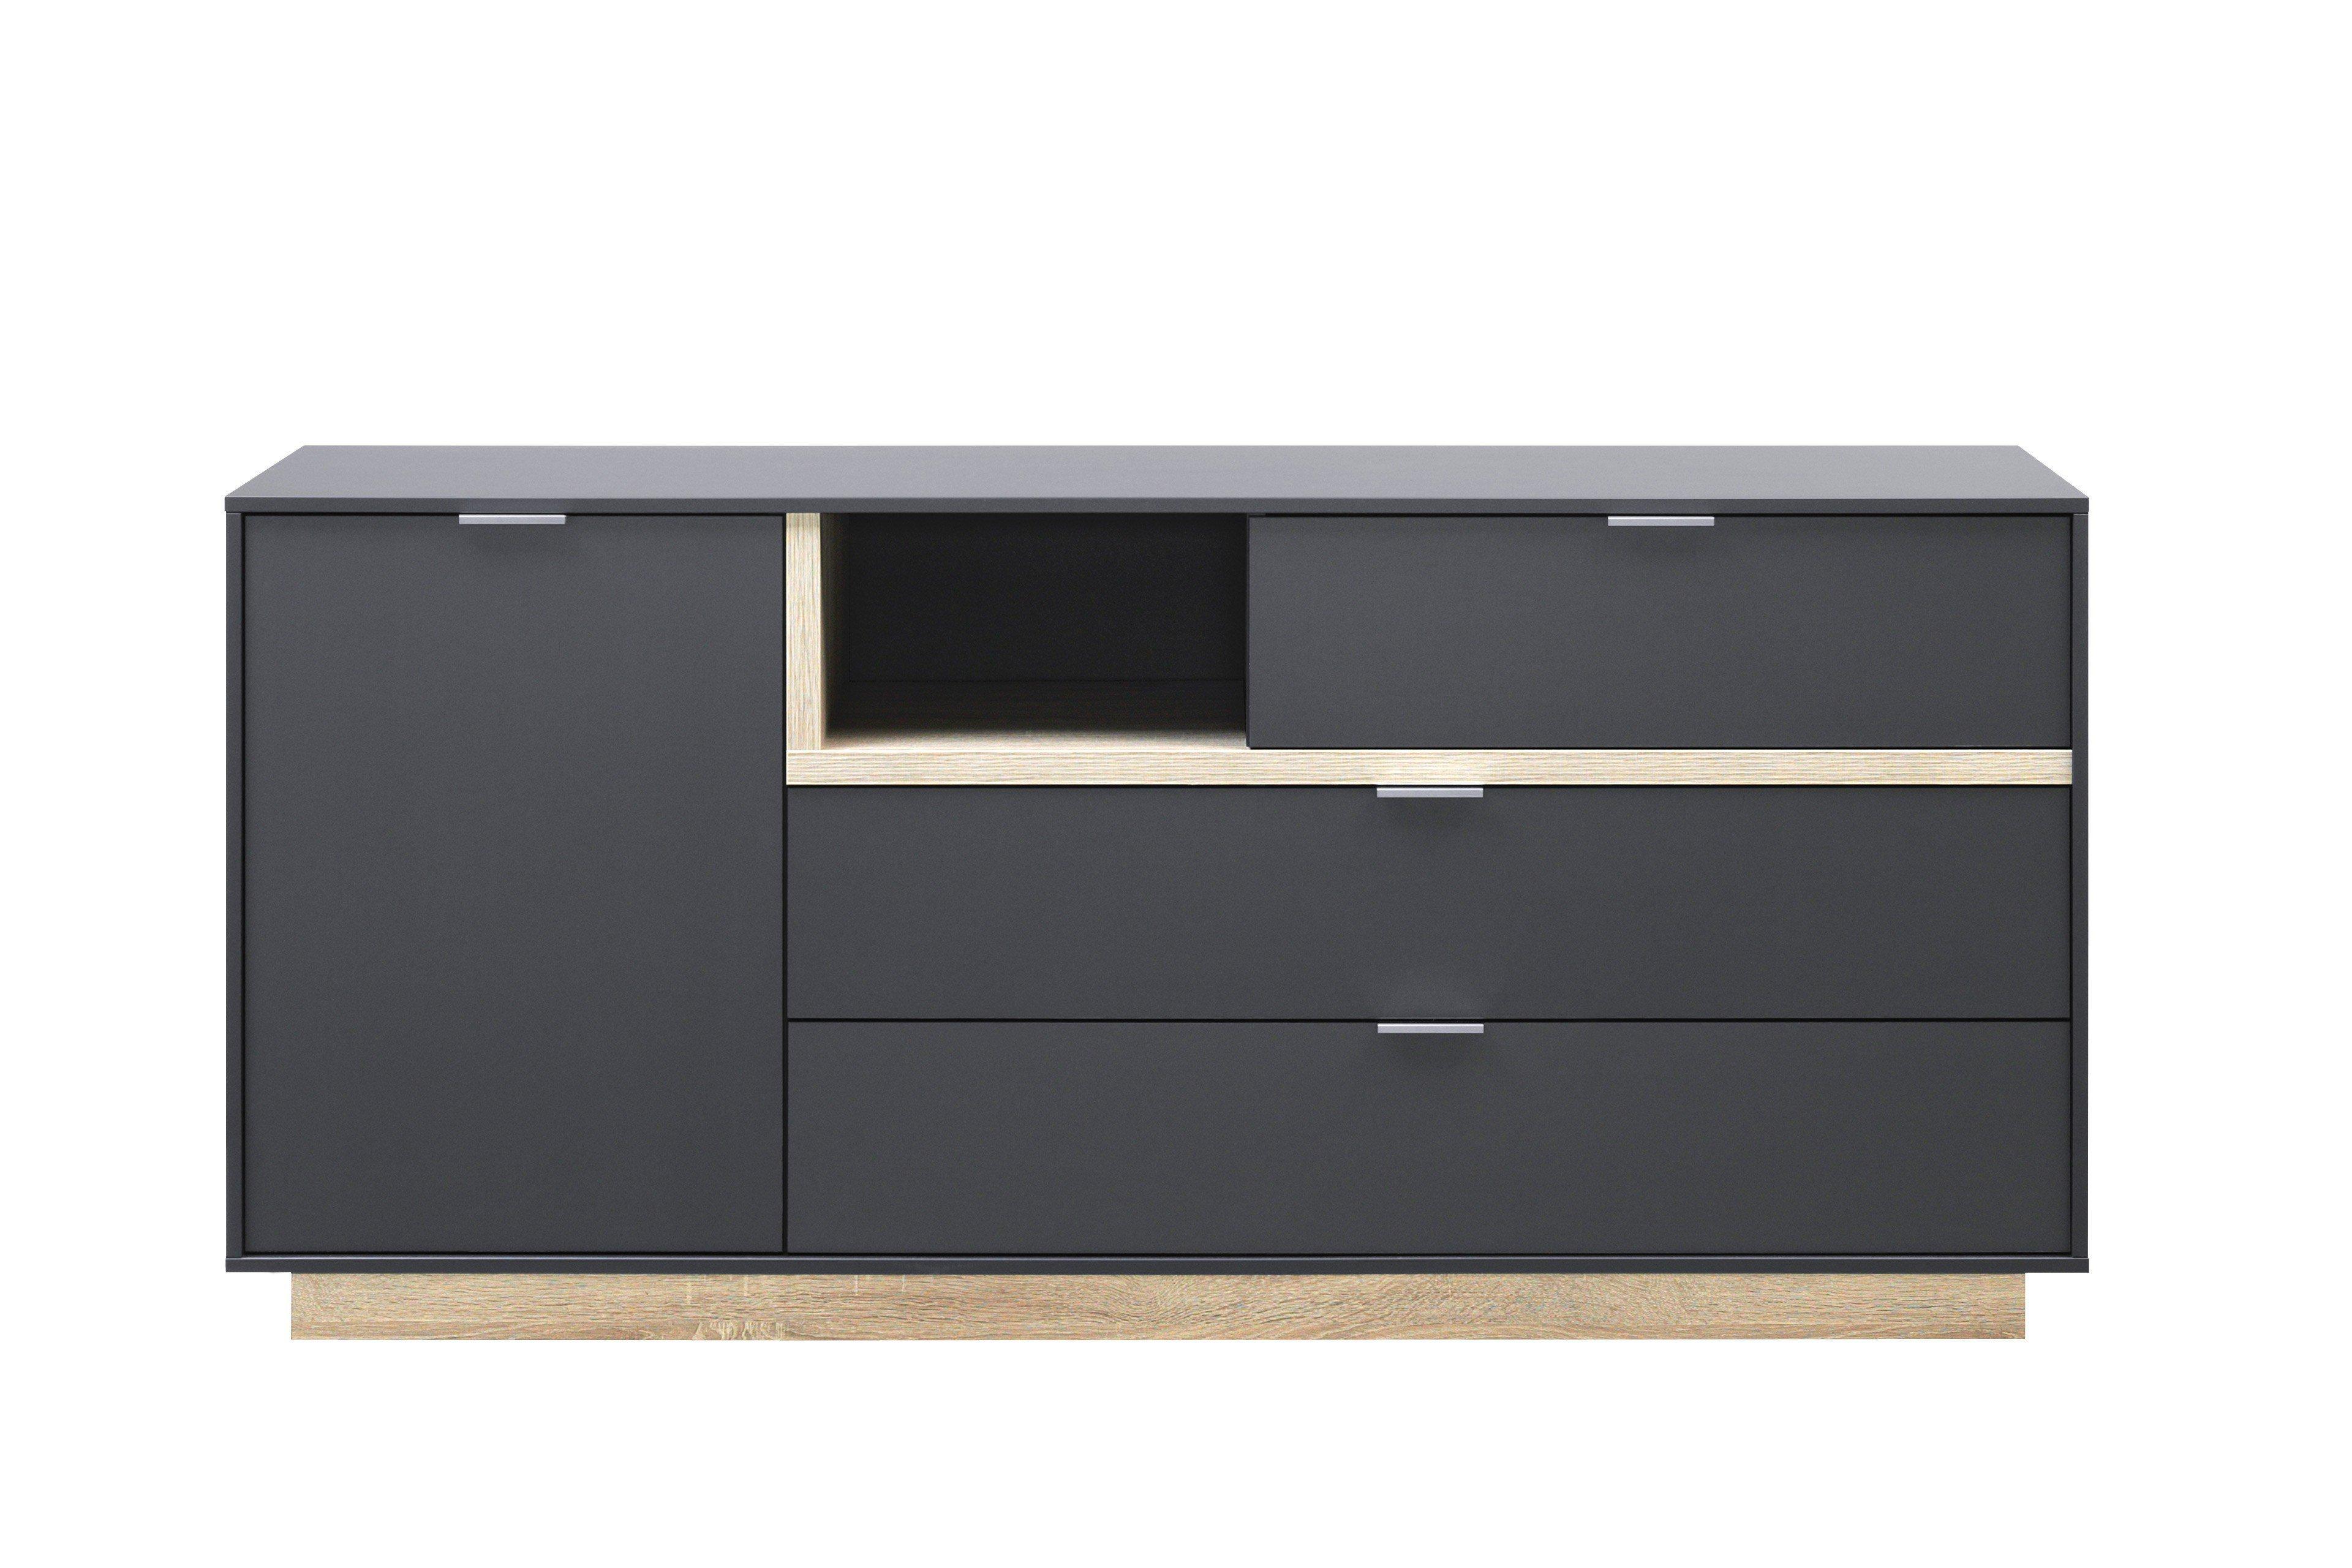 cs schmalm bel sideboard my ell graphit eiche m bel letz ihr online shop. Black Bedroom Furniture Sets. Home Design Ideas